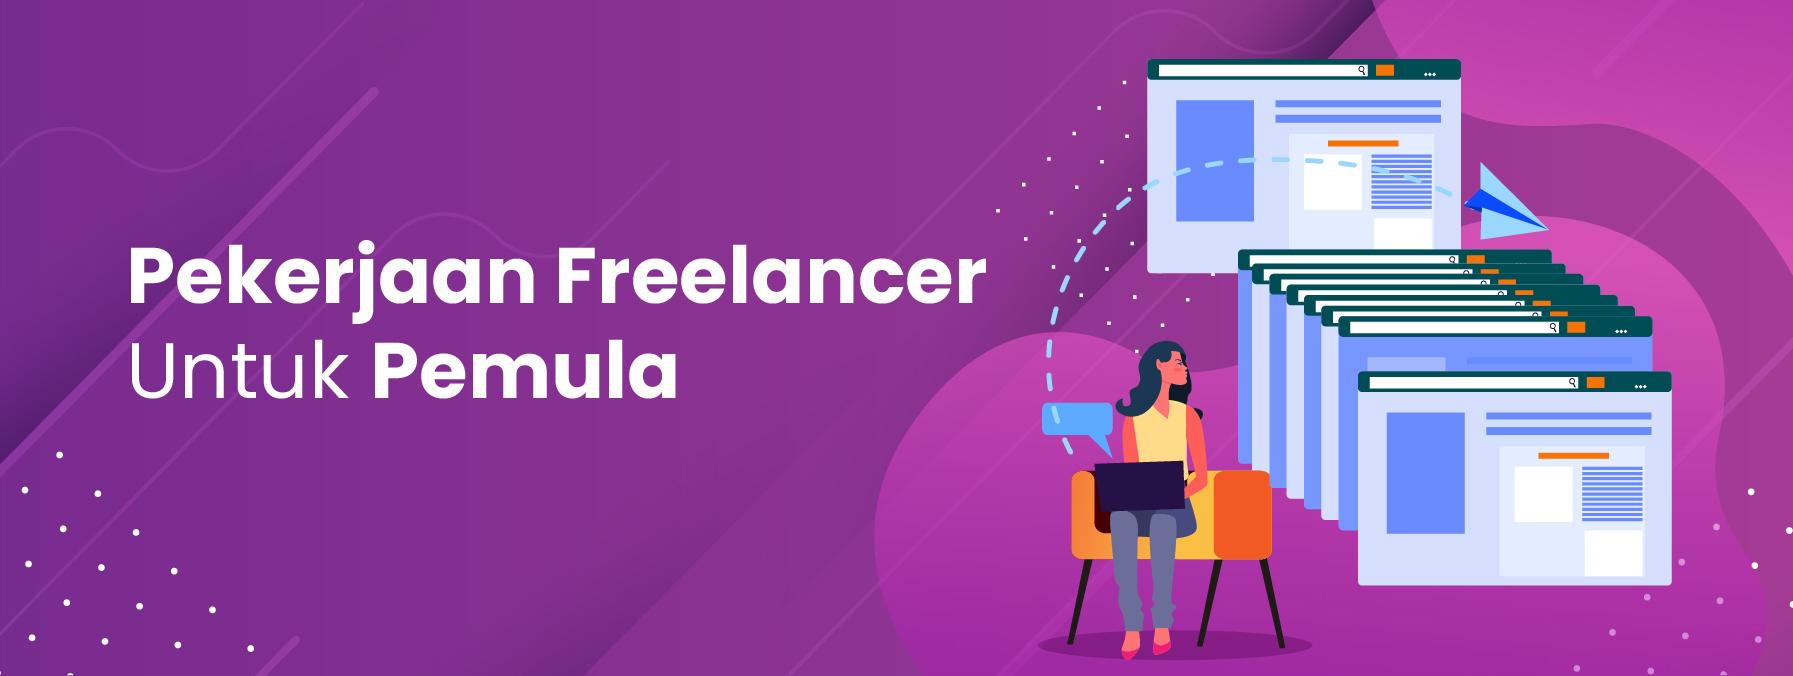 6 Pekerjaan Freelancer Untuk Pemula Yang Bisa Dikerjakan Dari Rumah